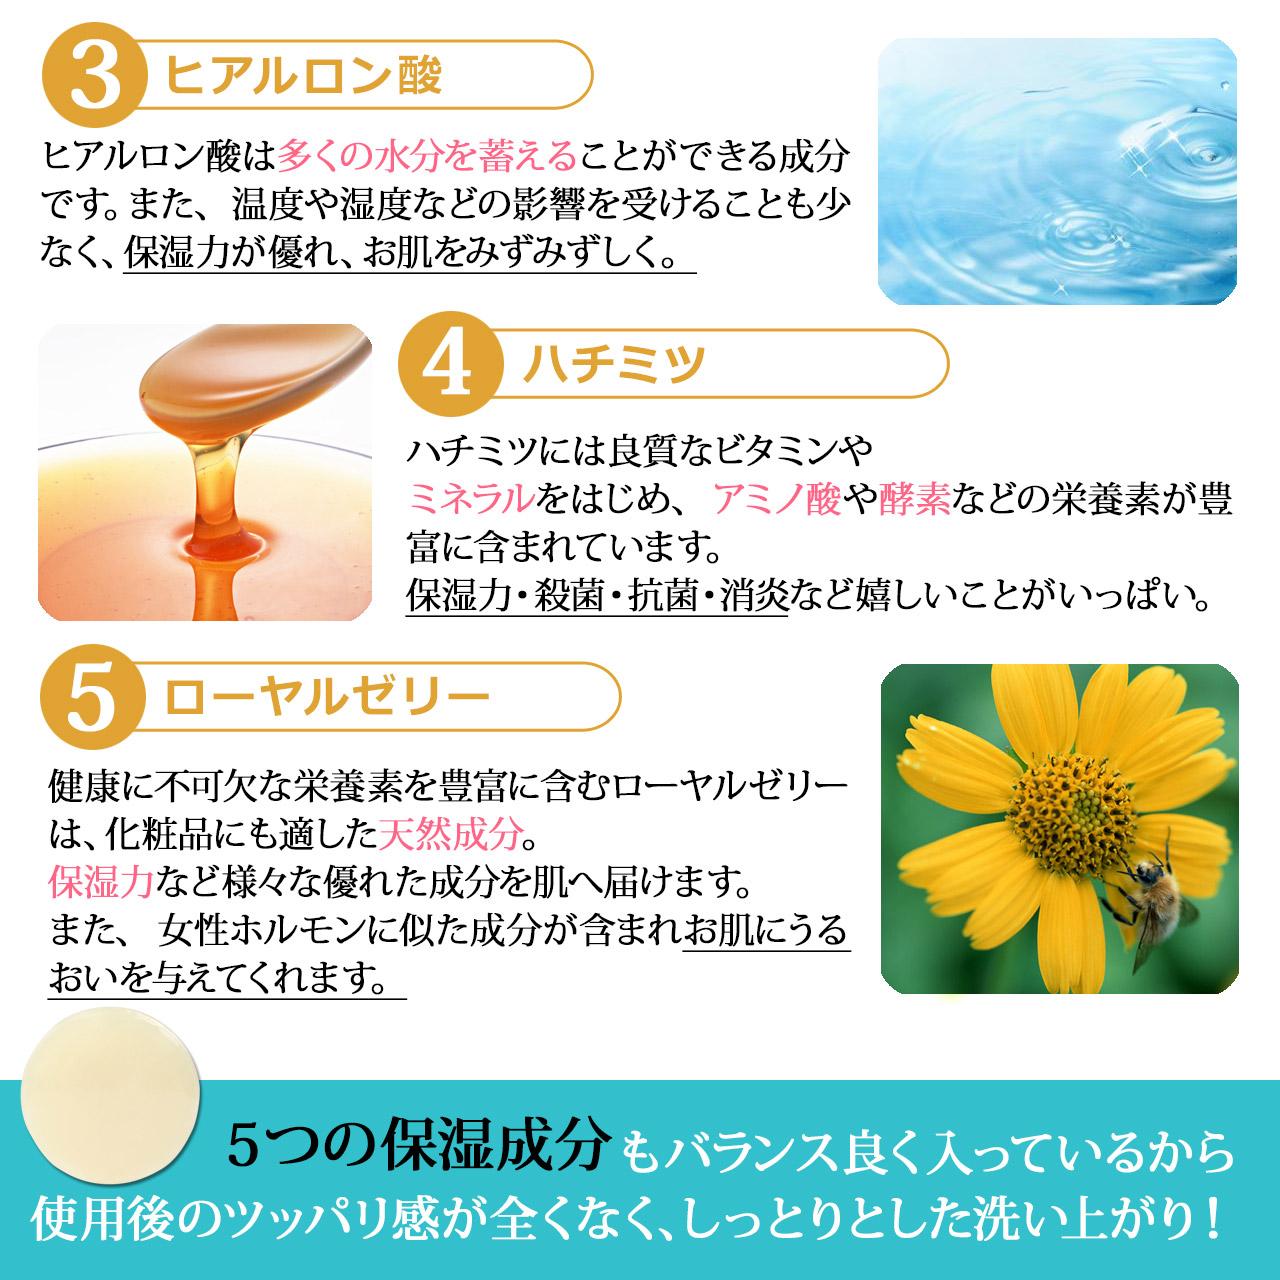 【送料無料!】コラーゲンソープ 洗顔石鹸 無添加 お肌に優しい成分のみ 日本製 マリスビオ